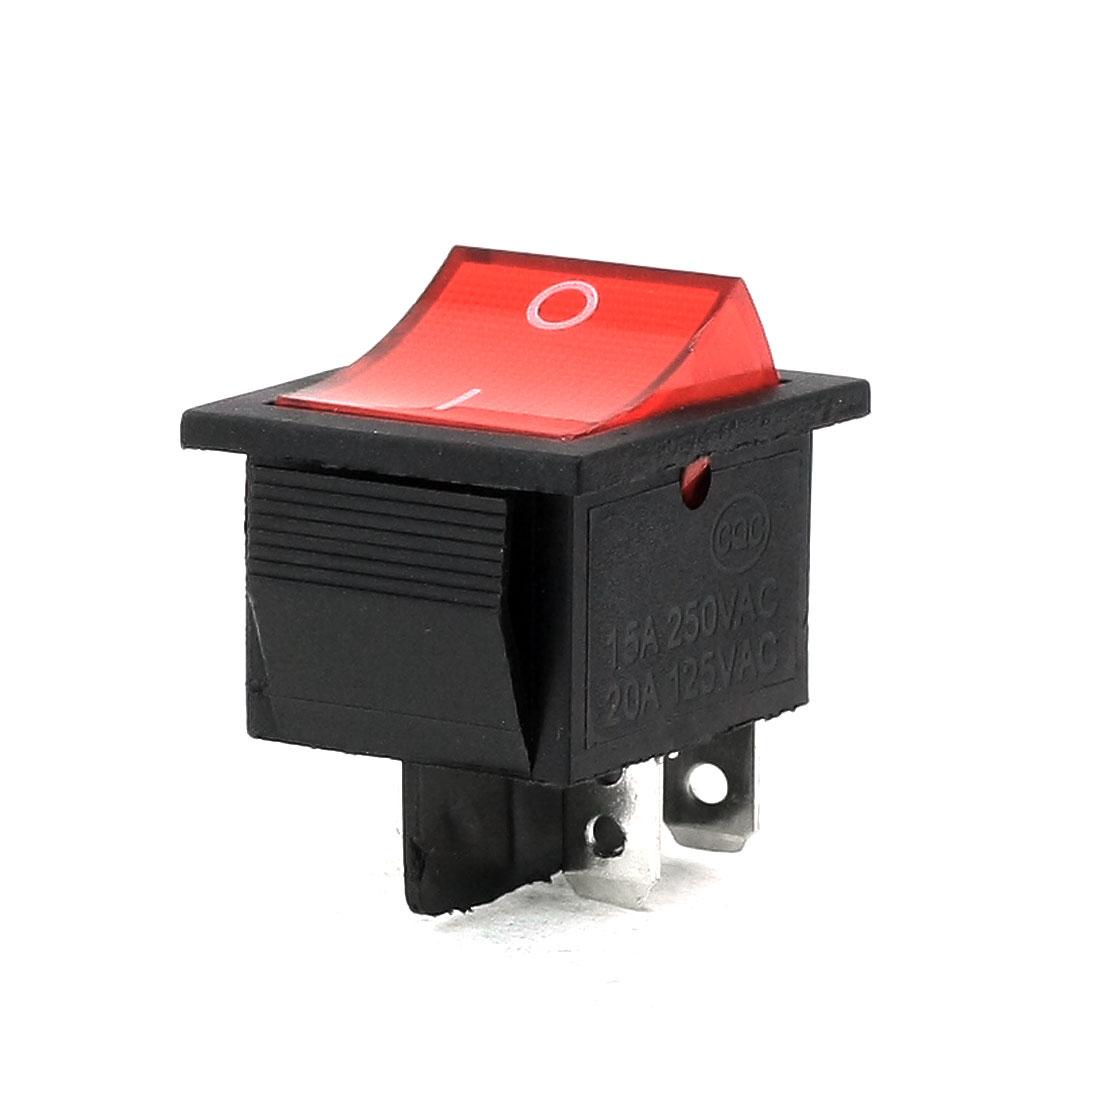 AC 250V/15A 125V/20A 4 Pins DPDT I/O Red Light Snap in Boat Rocker Switch